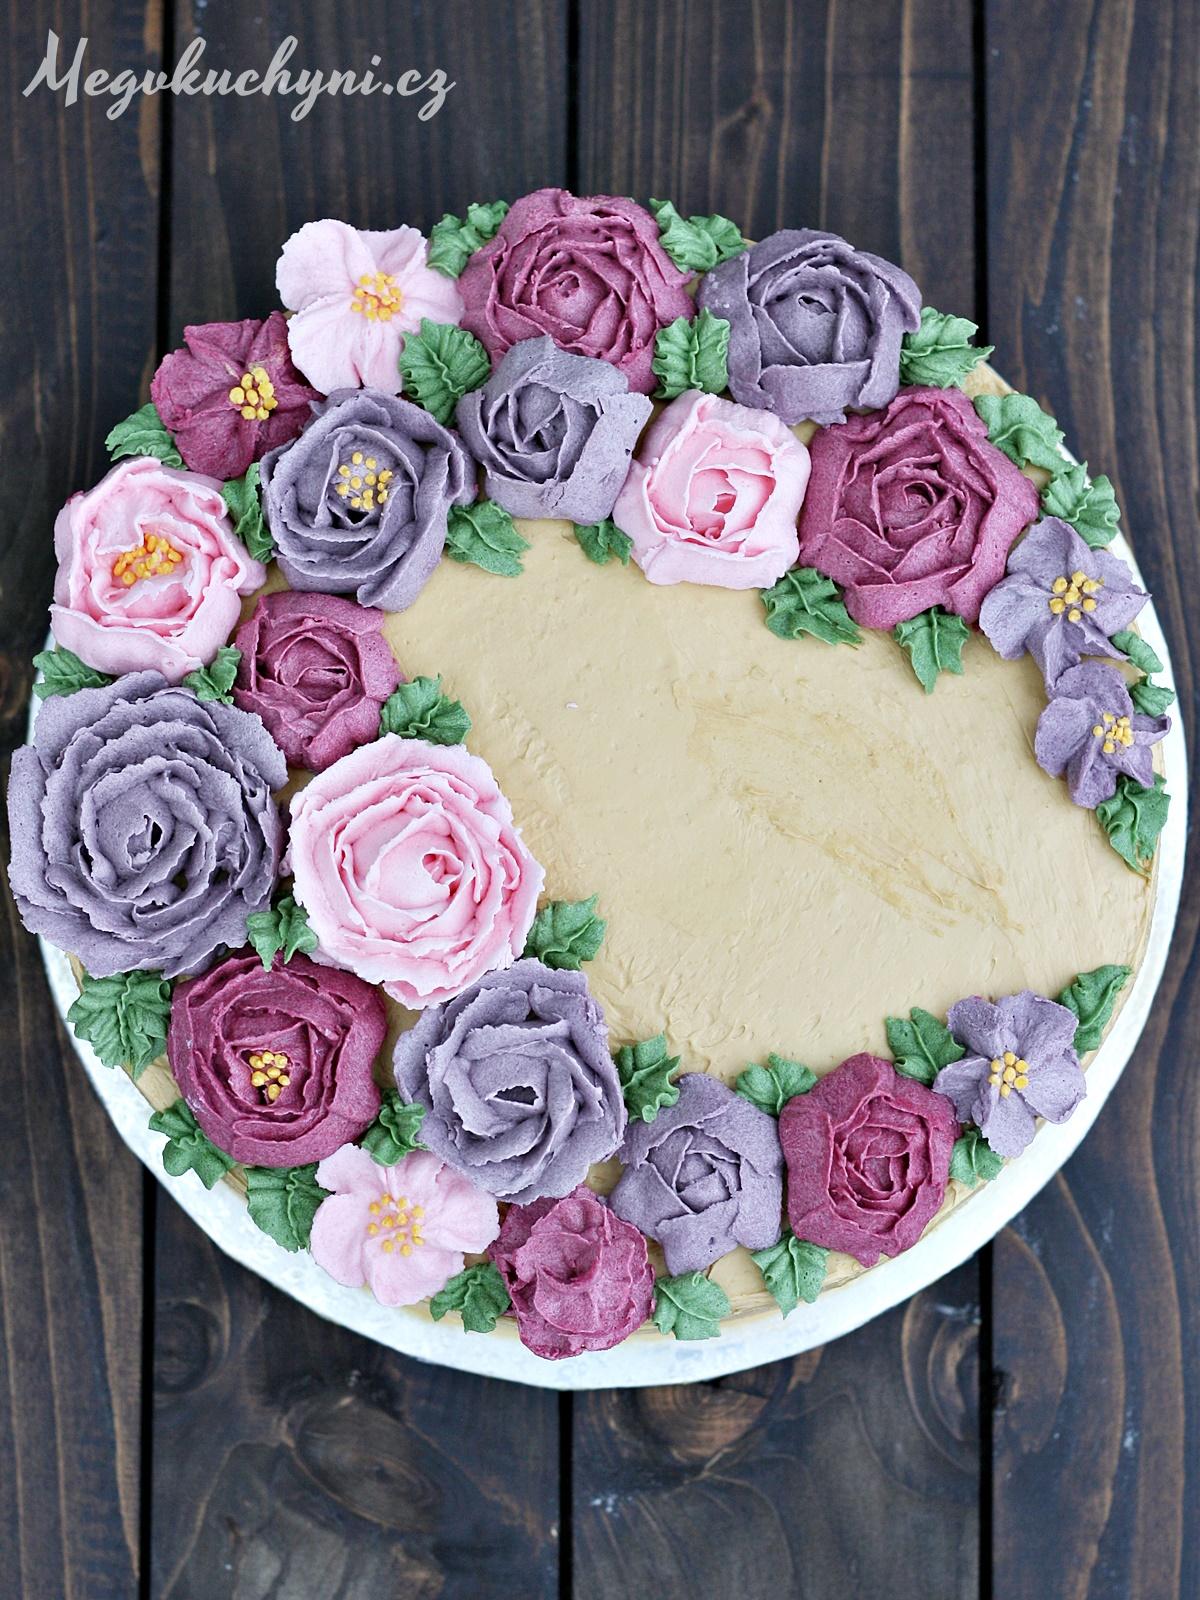 Piškotový dort s karamelovým krémem a máslovými růžemi